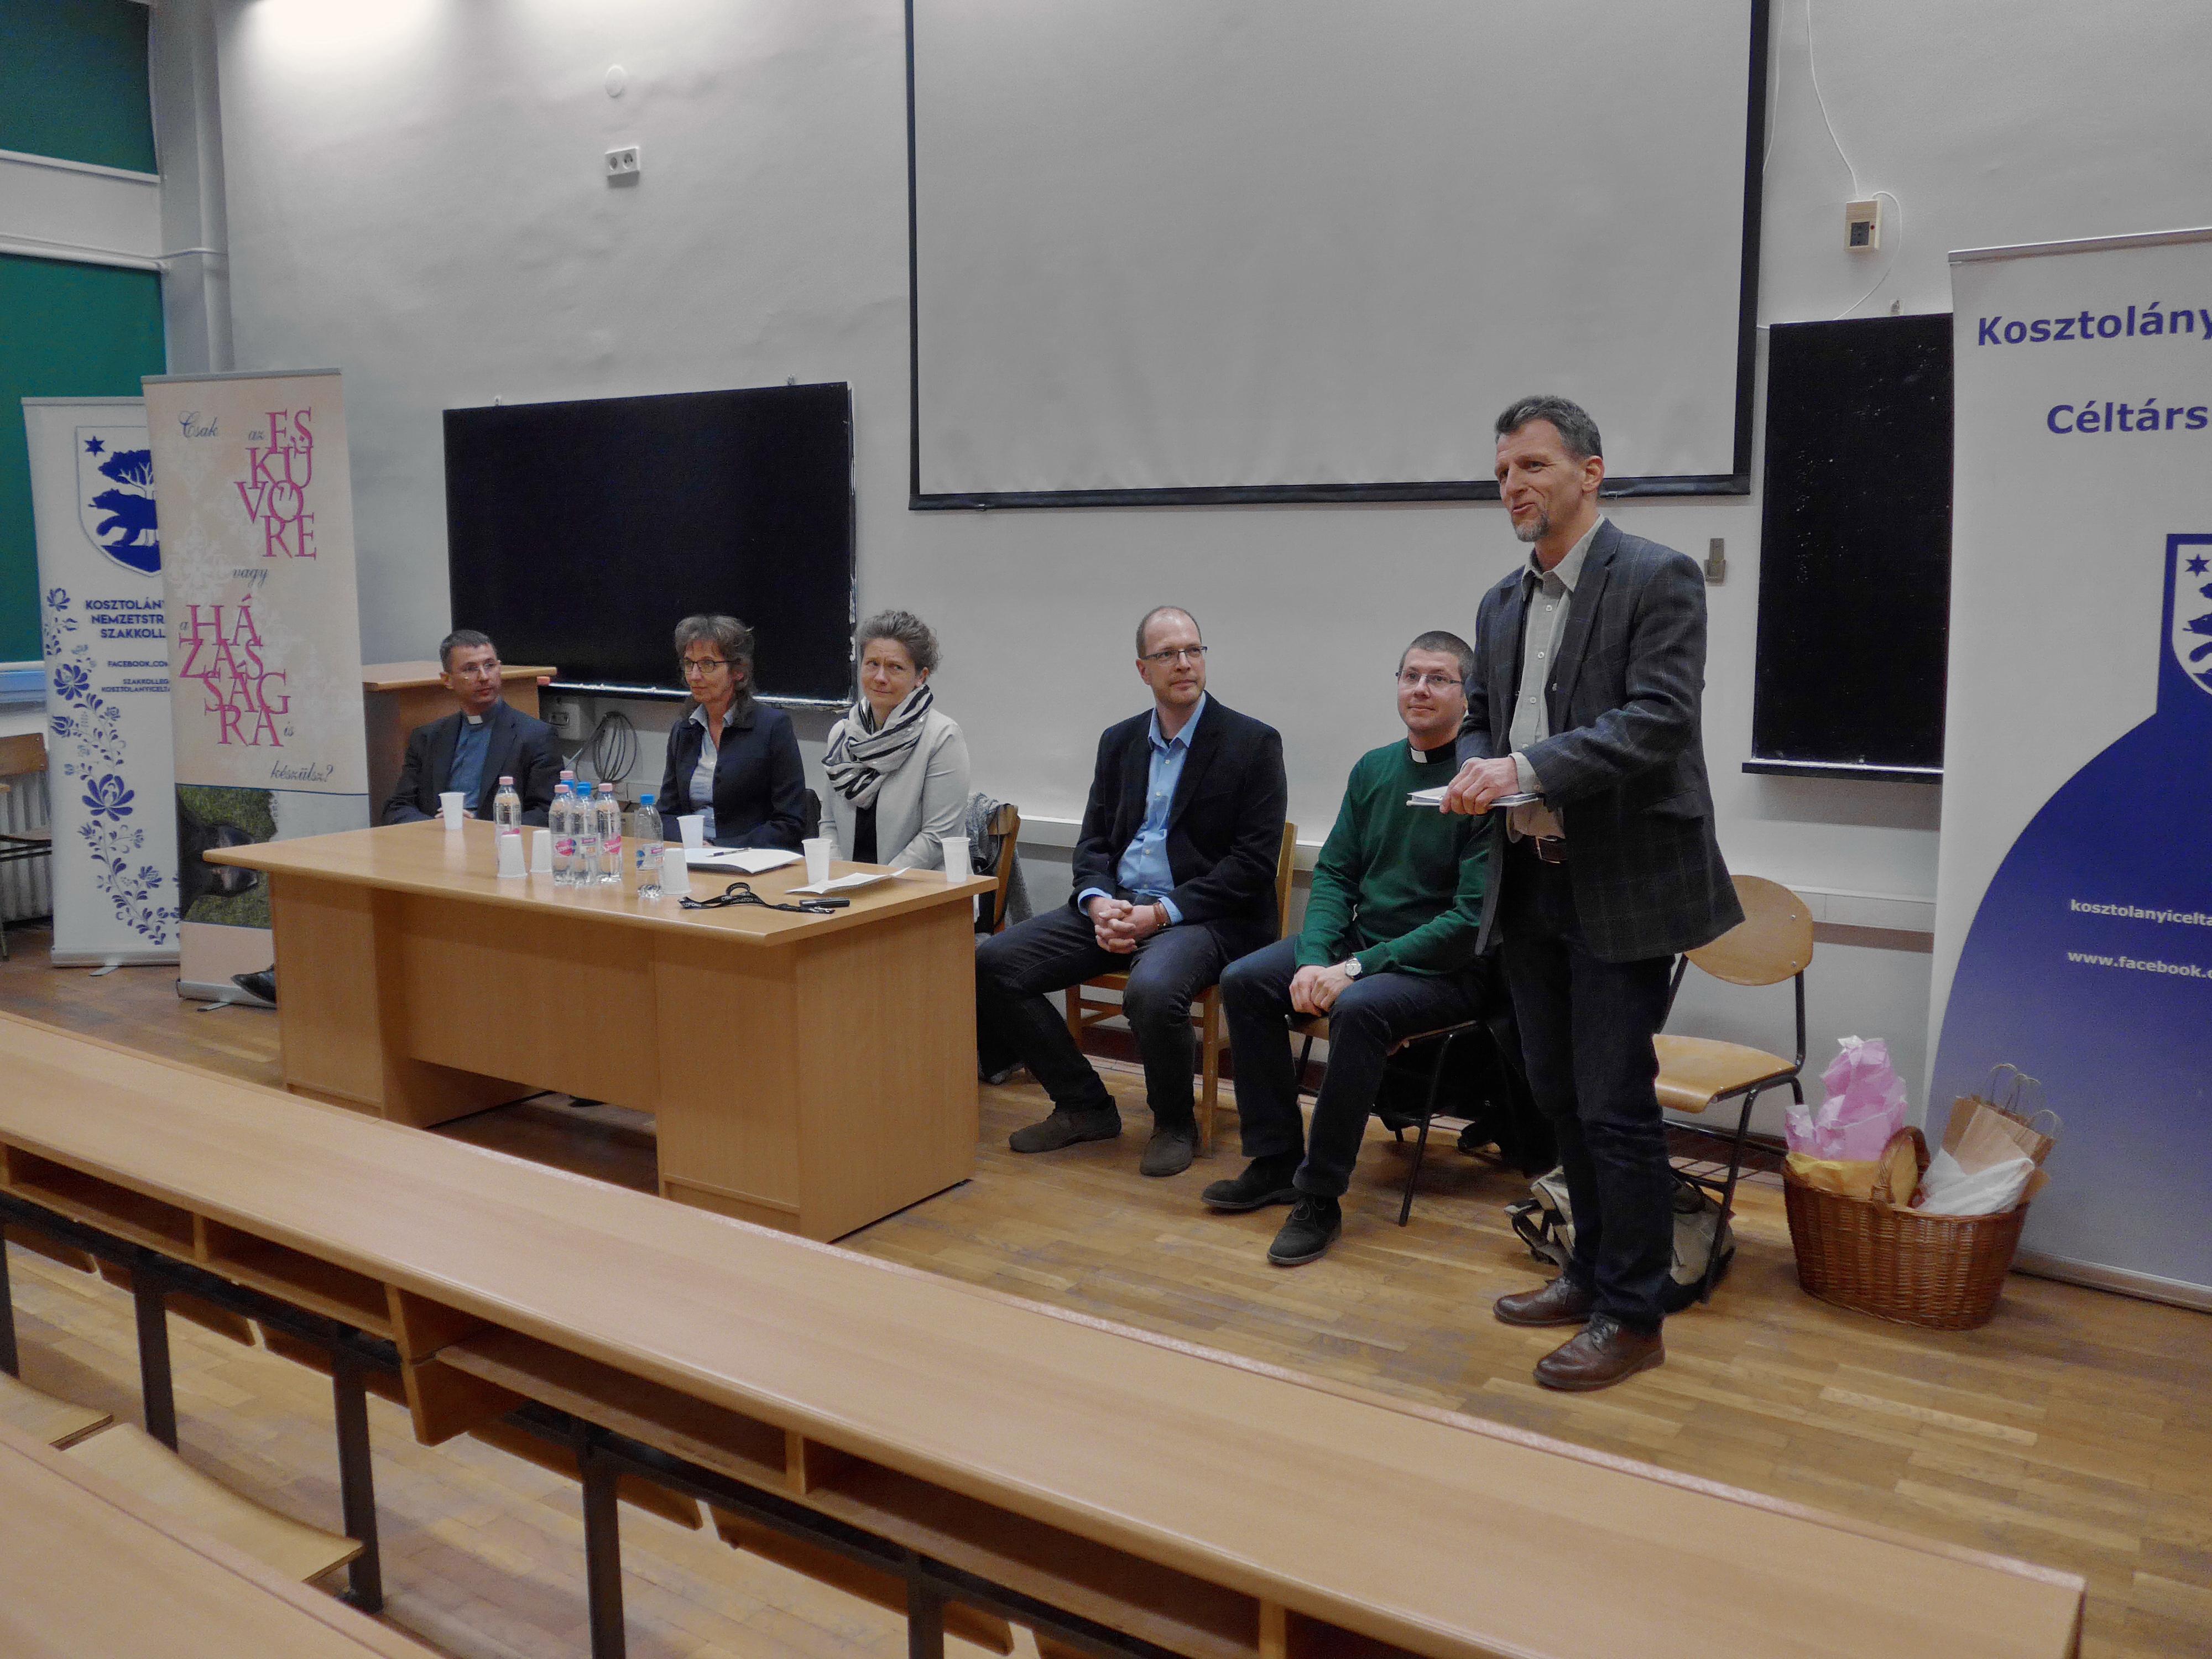 Párkapcsolat Felsőfokon: fórum